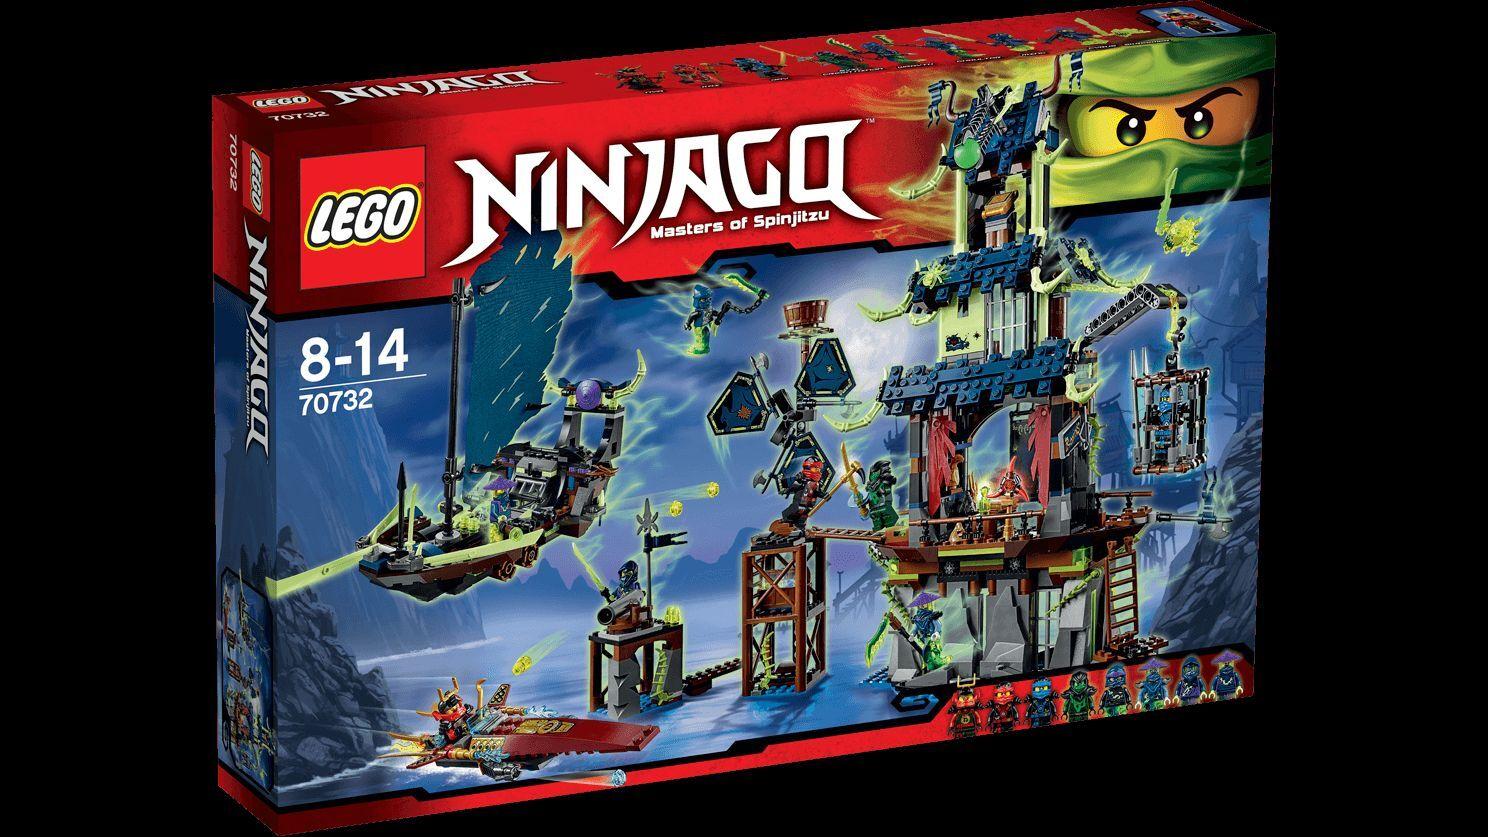 Lego ® Ninjago ™ 70732 la ciudad stiix nuevo New OVP misb